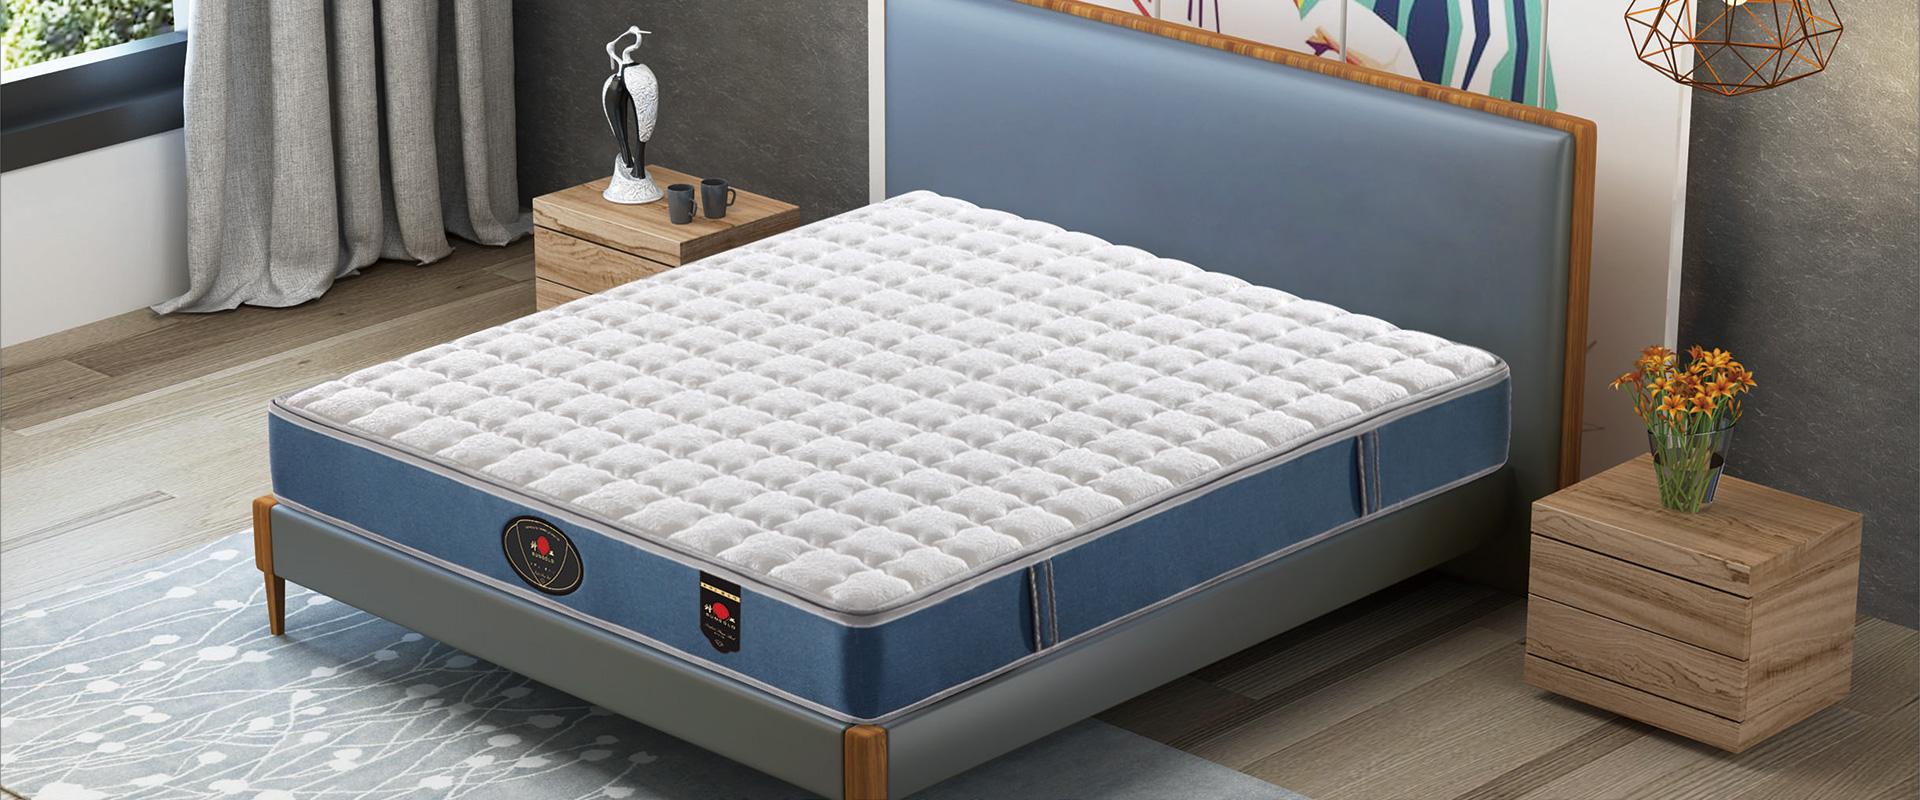 怎样预防床垫发霉?避免云南床垫发霉的措施有哪些?